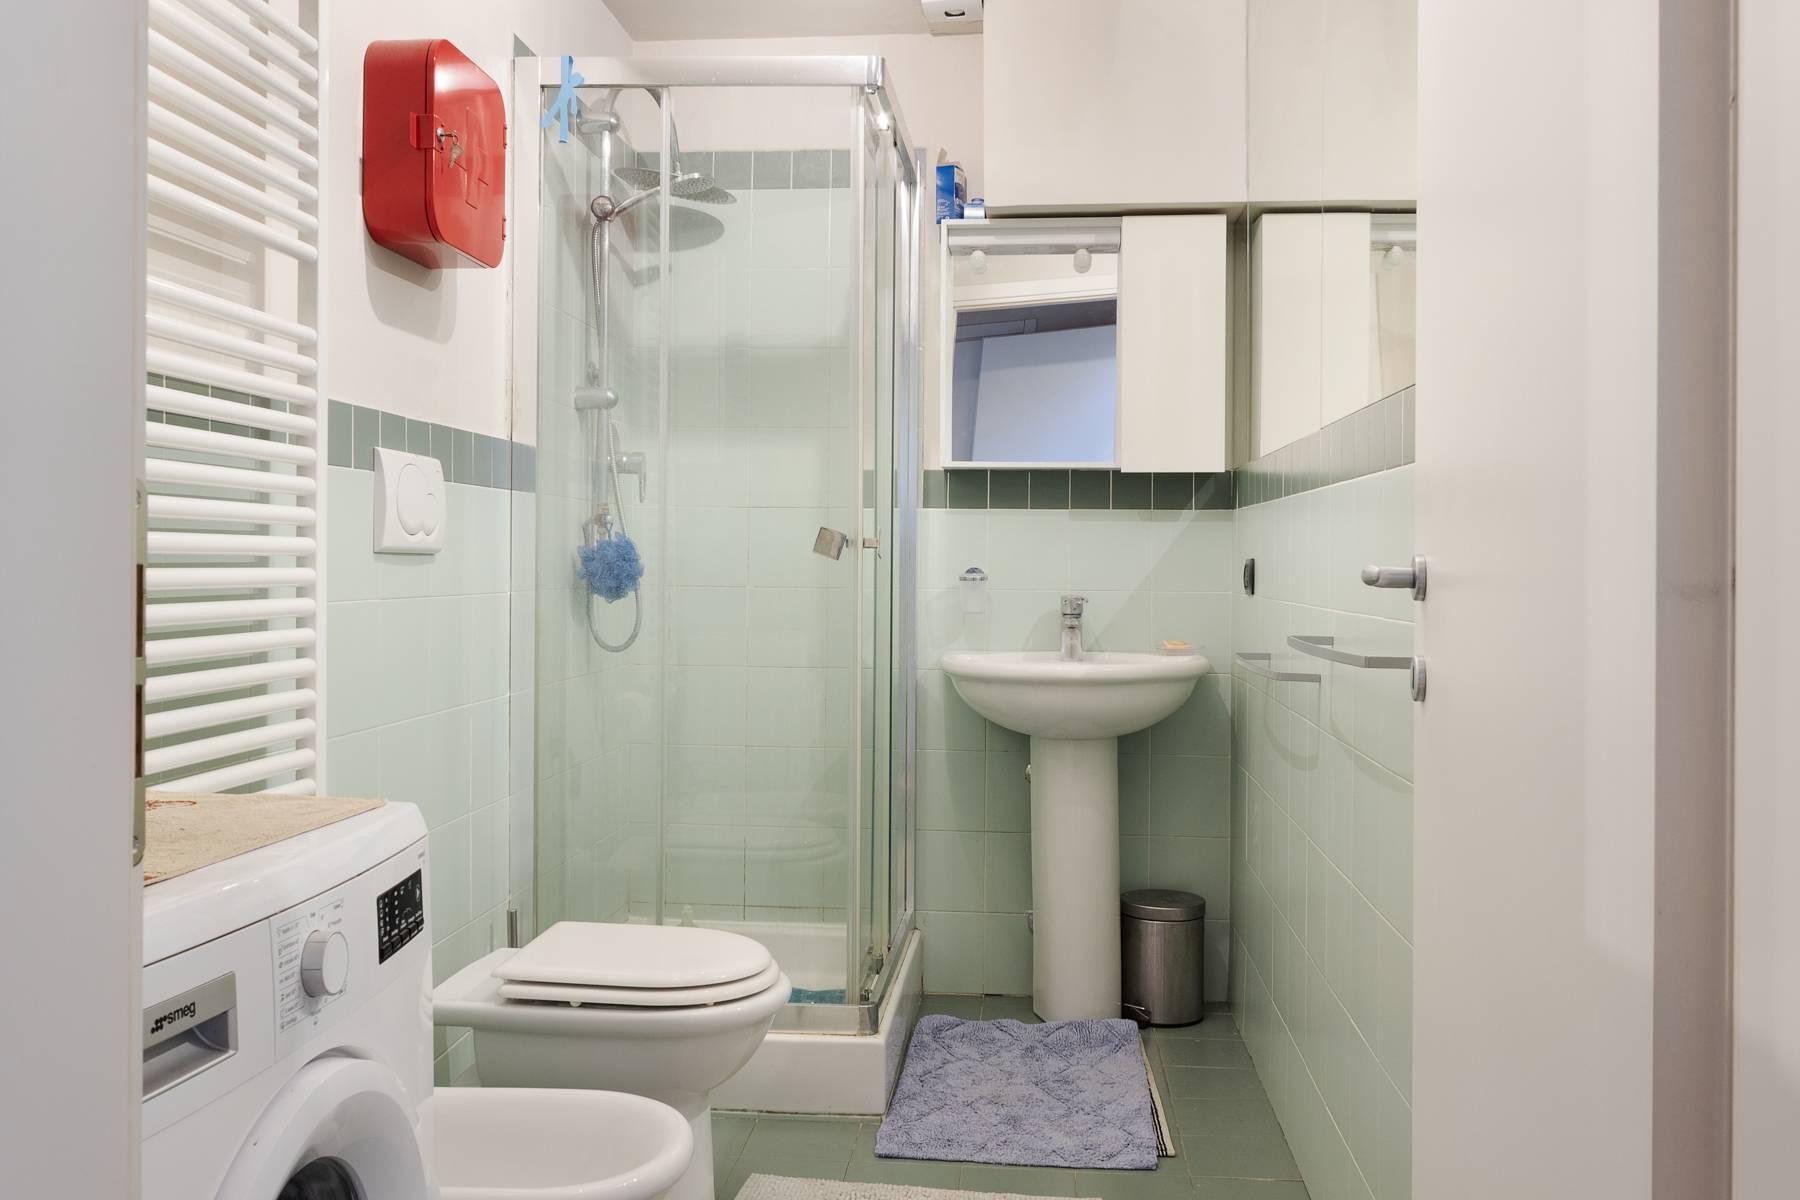 Appartamento in Affitto a Torino: 3 locali, 70 mq - Foto 5